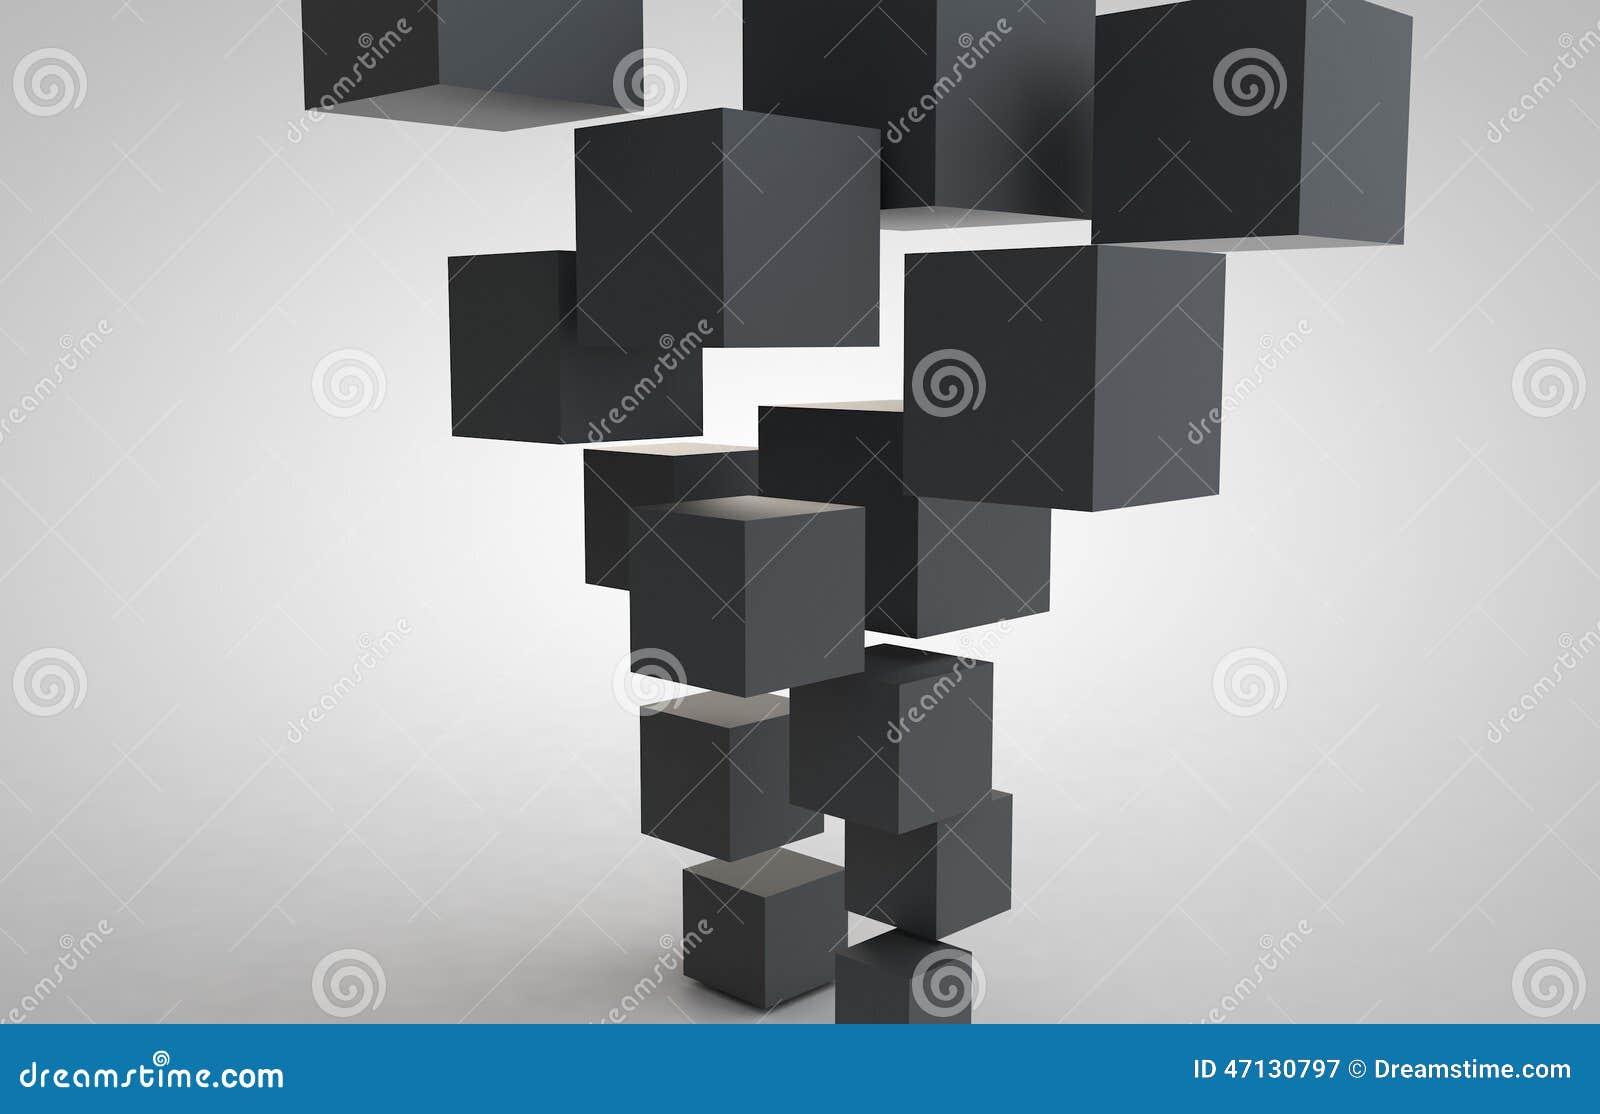 Cubo-cubos